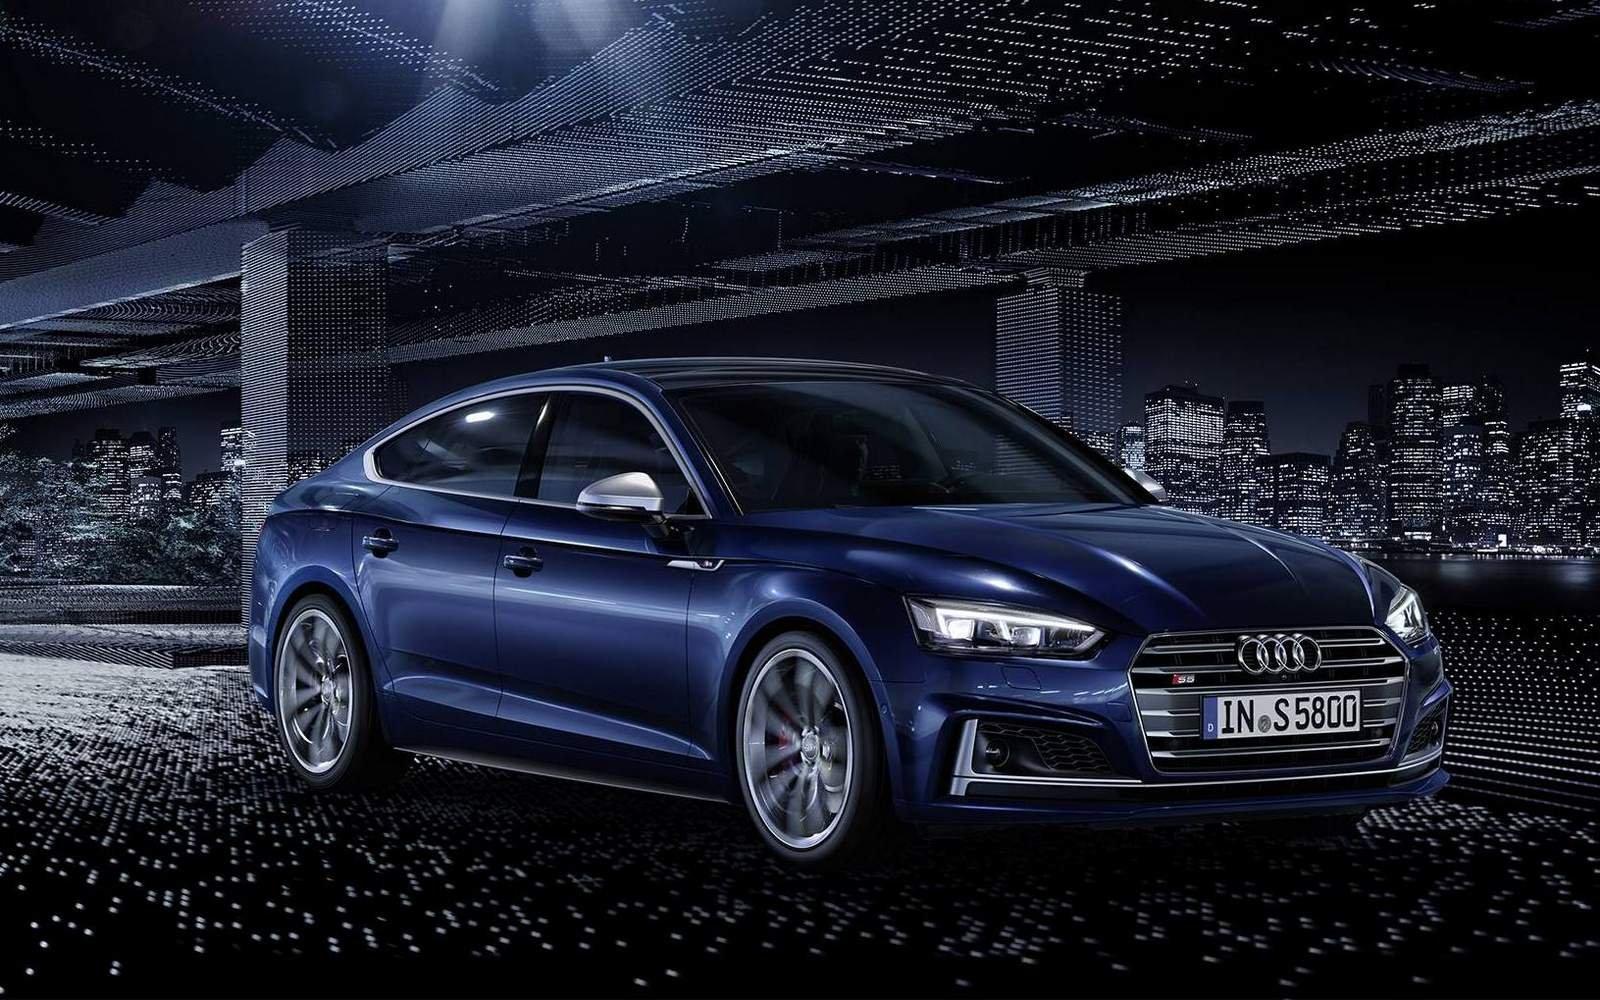 Audi q3 quattro lease deals 15